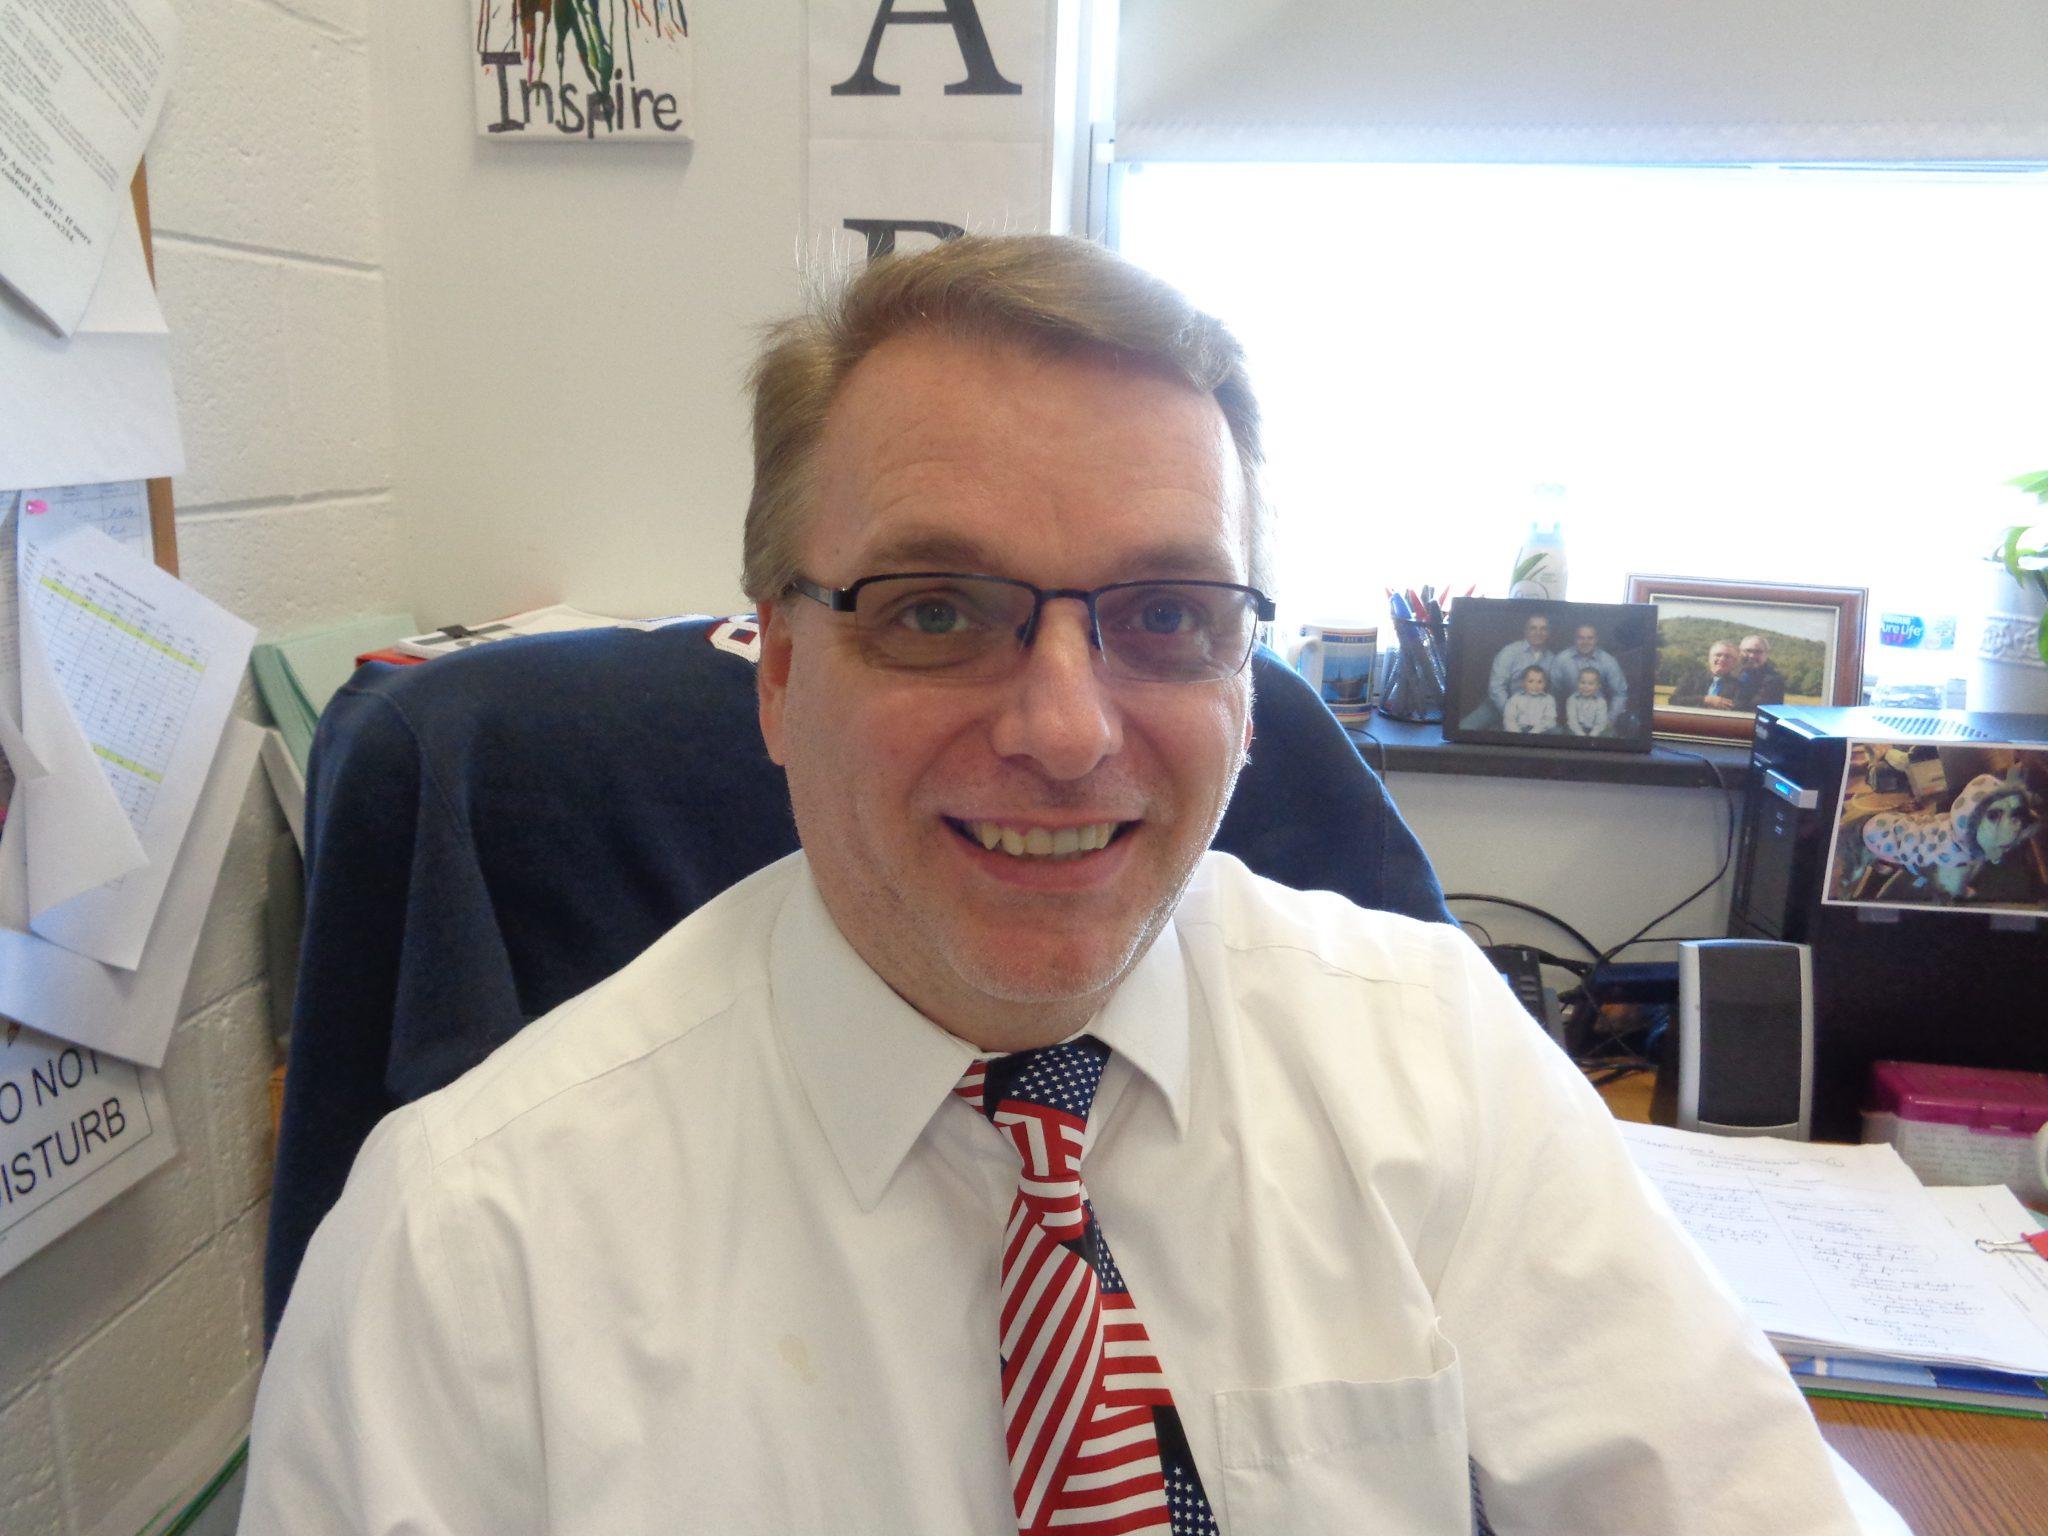 Mr. Hutchins